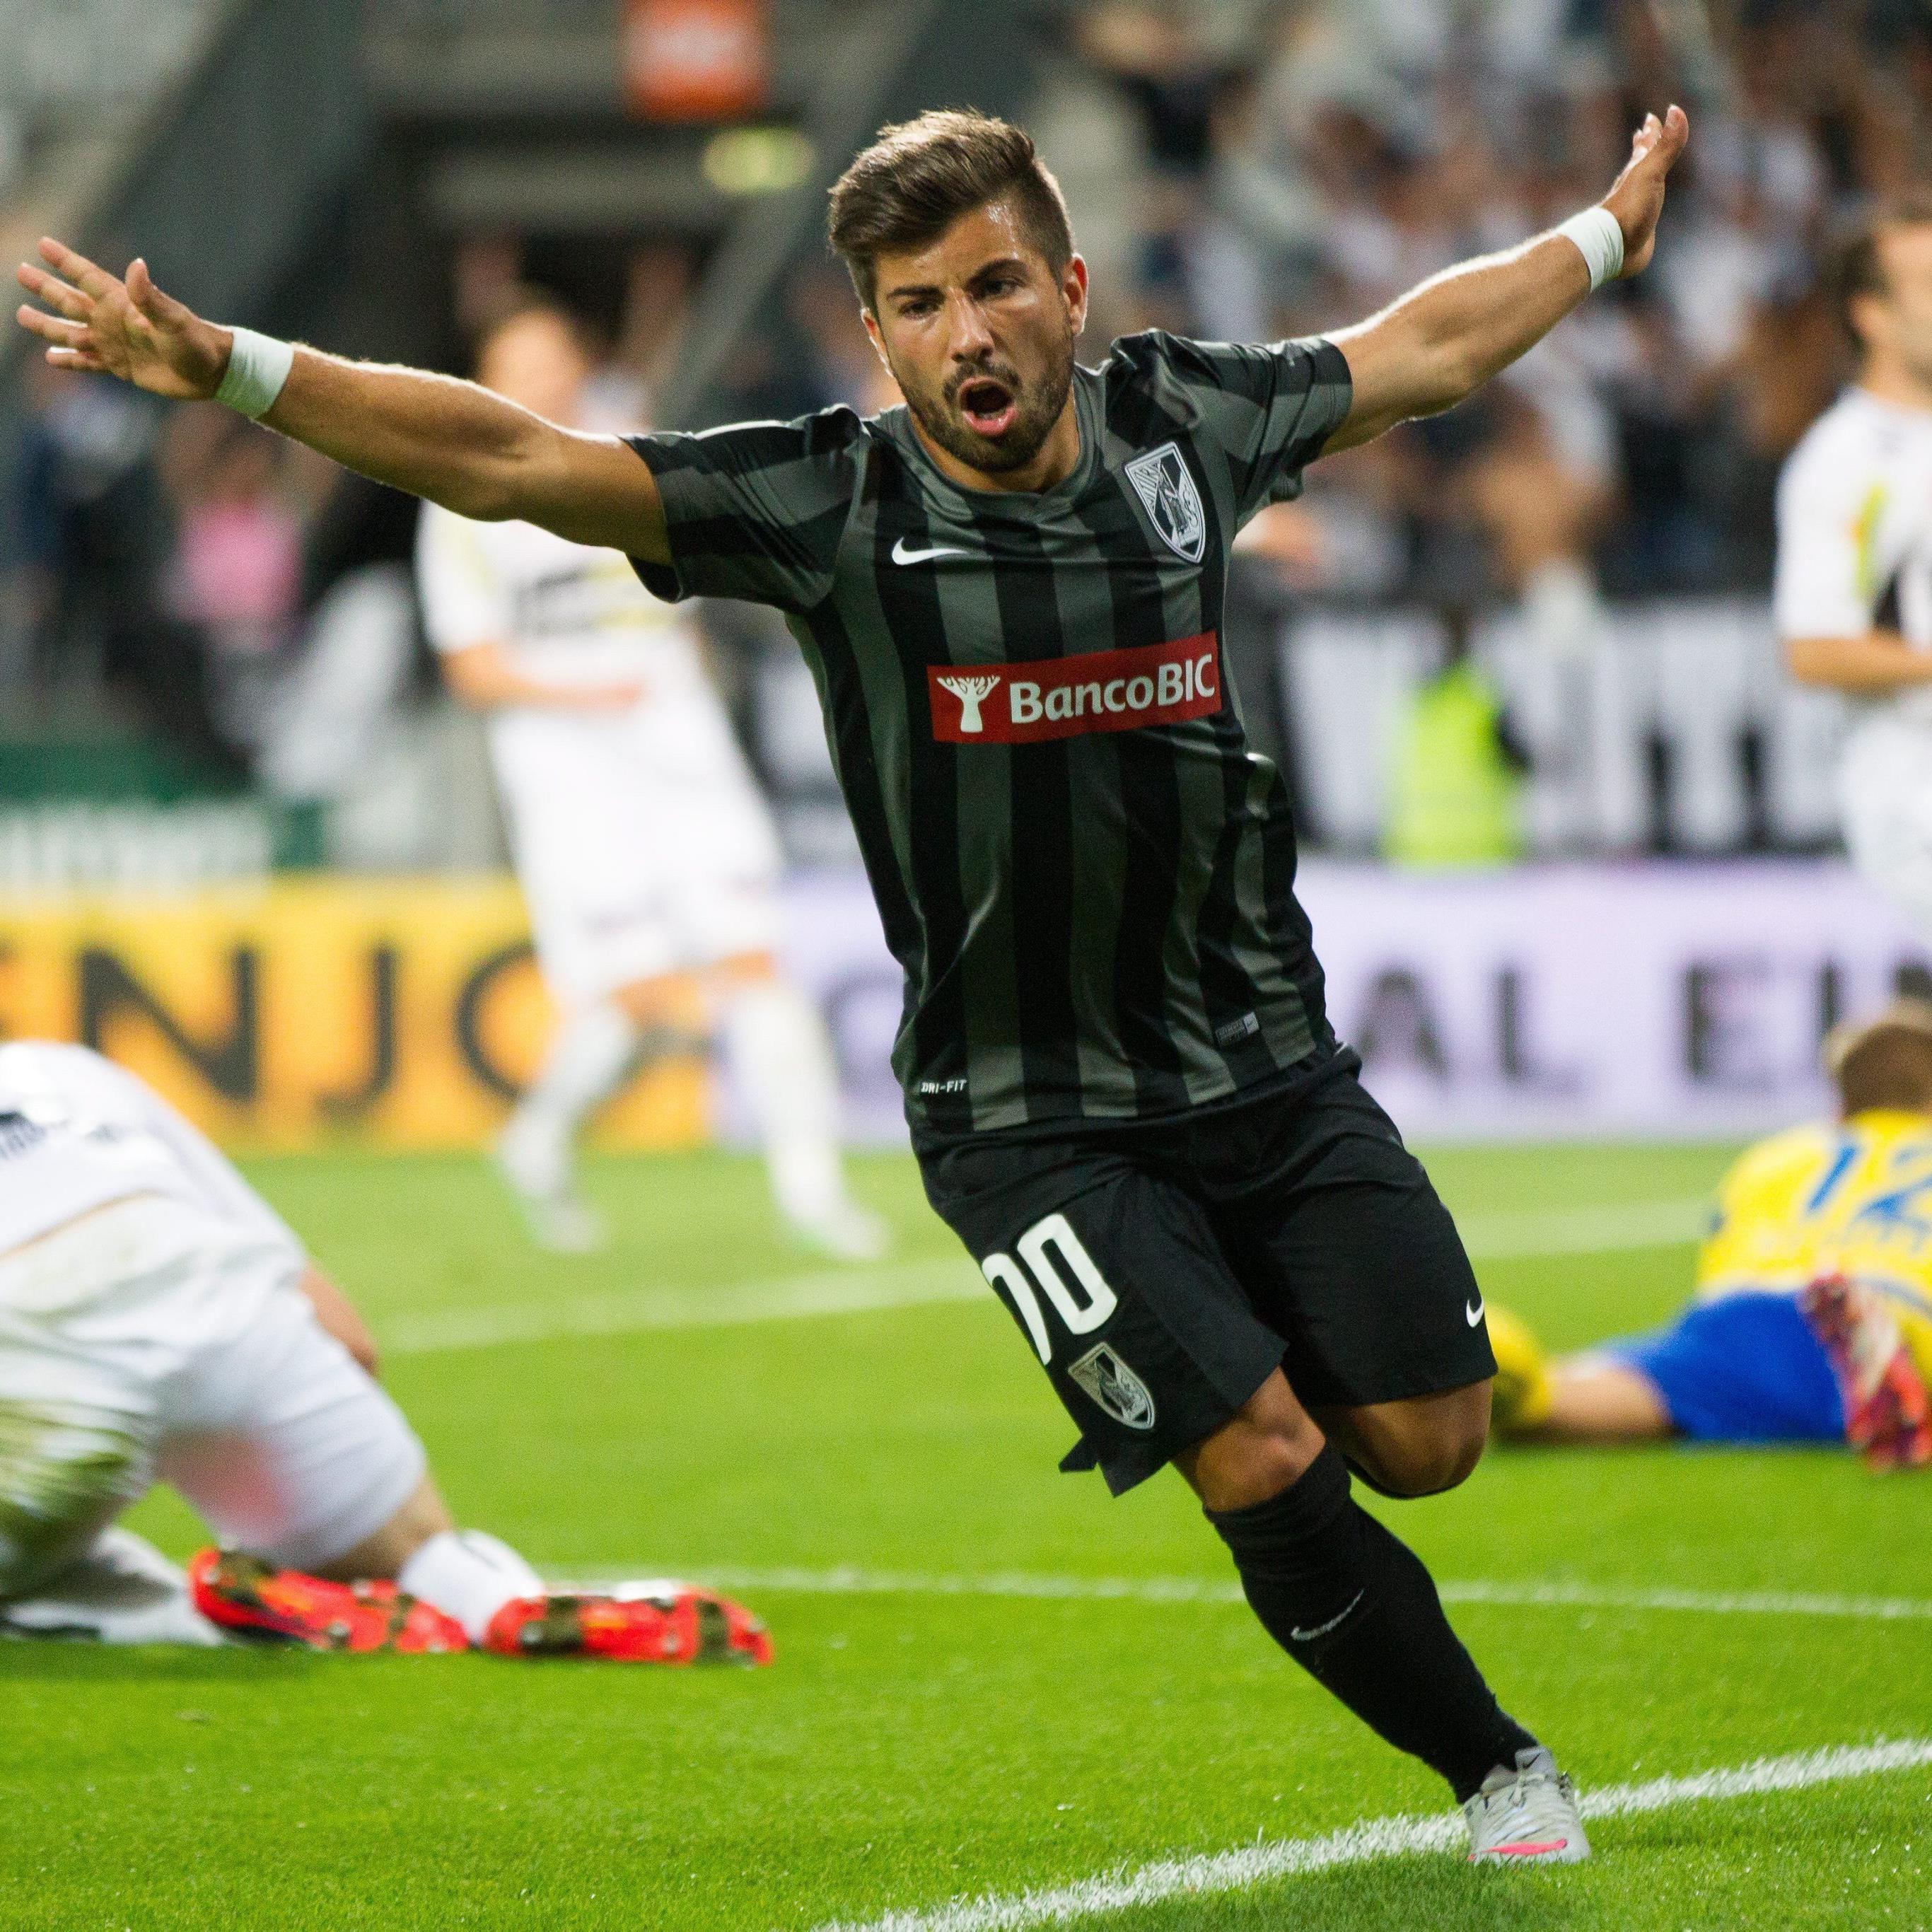 SCR Altach feiert in der Europa League-Qualifikation einen Sieg.